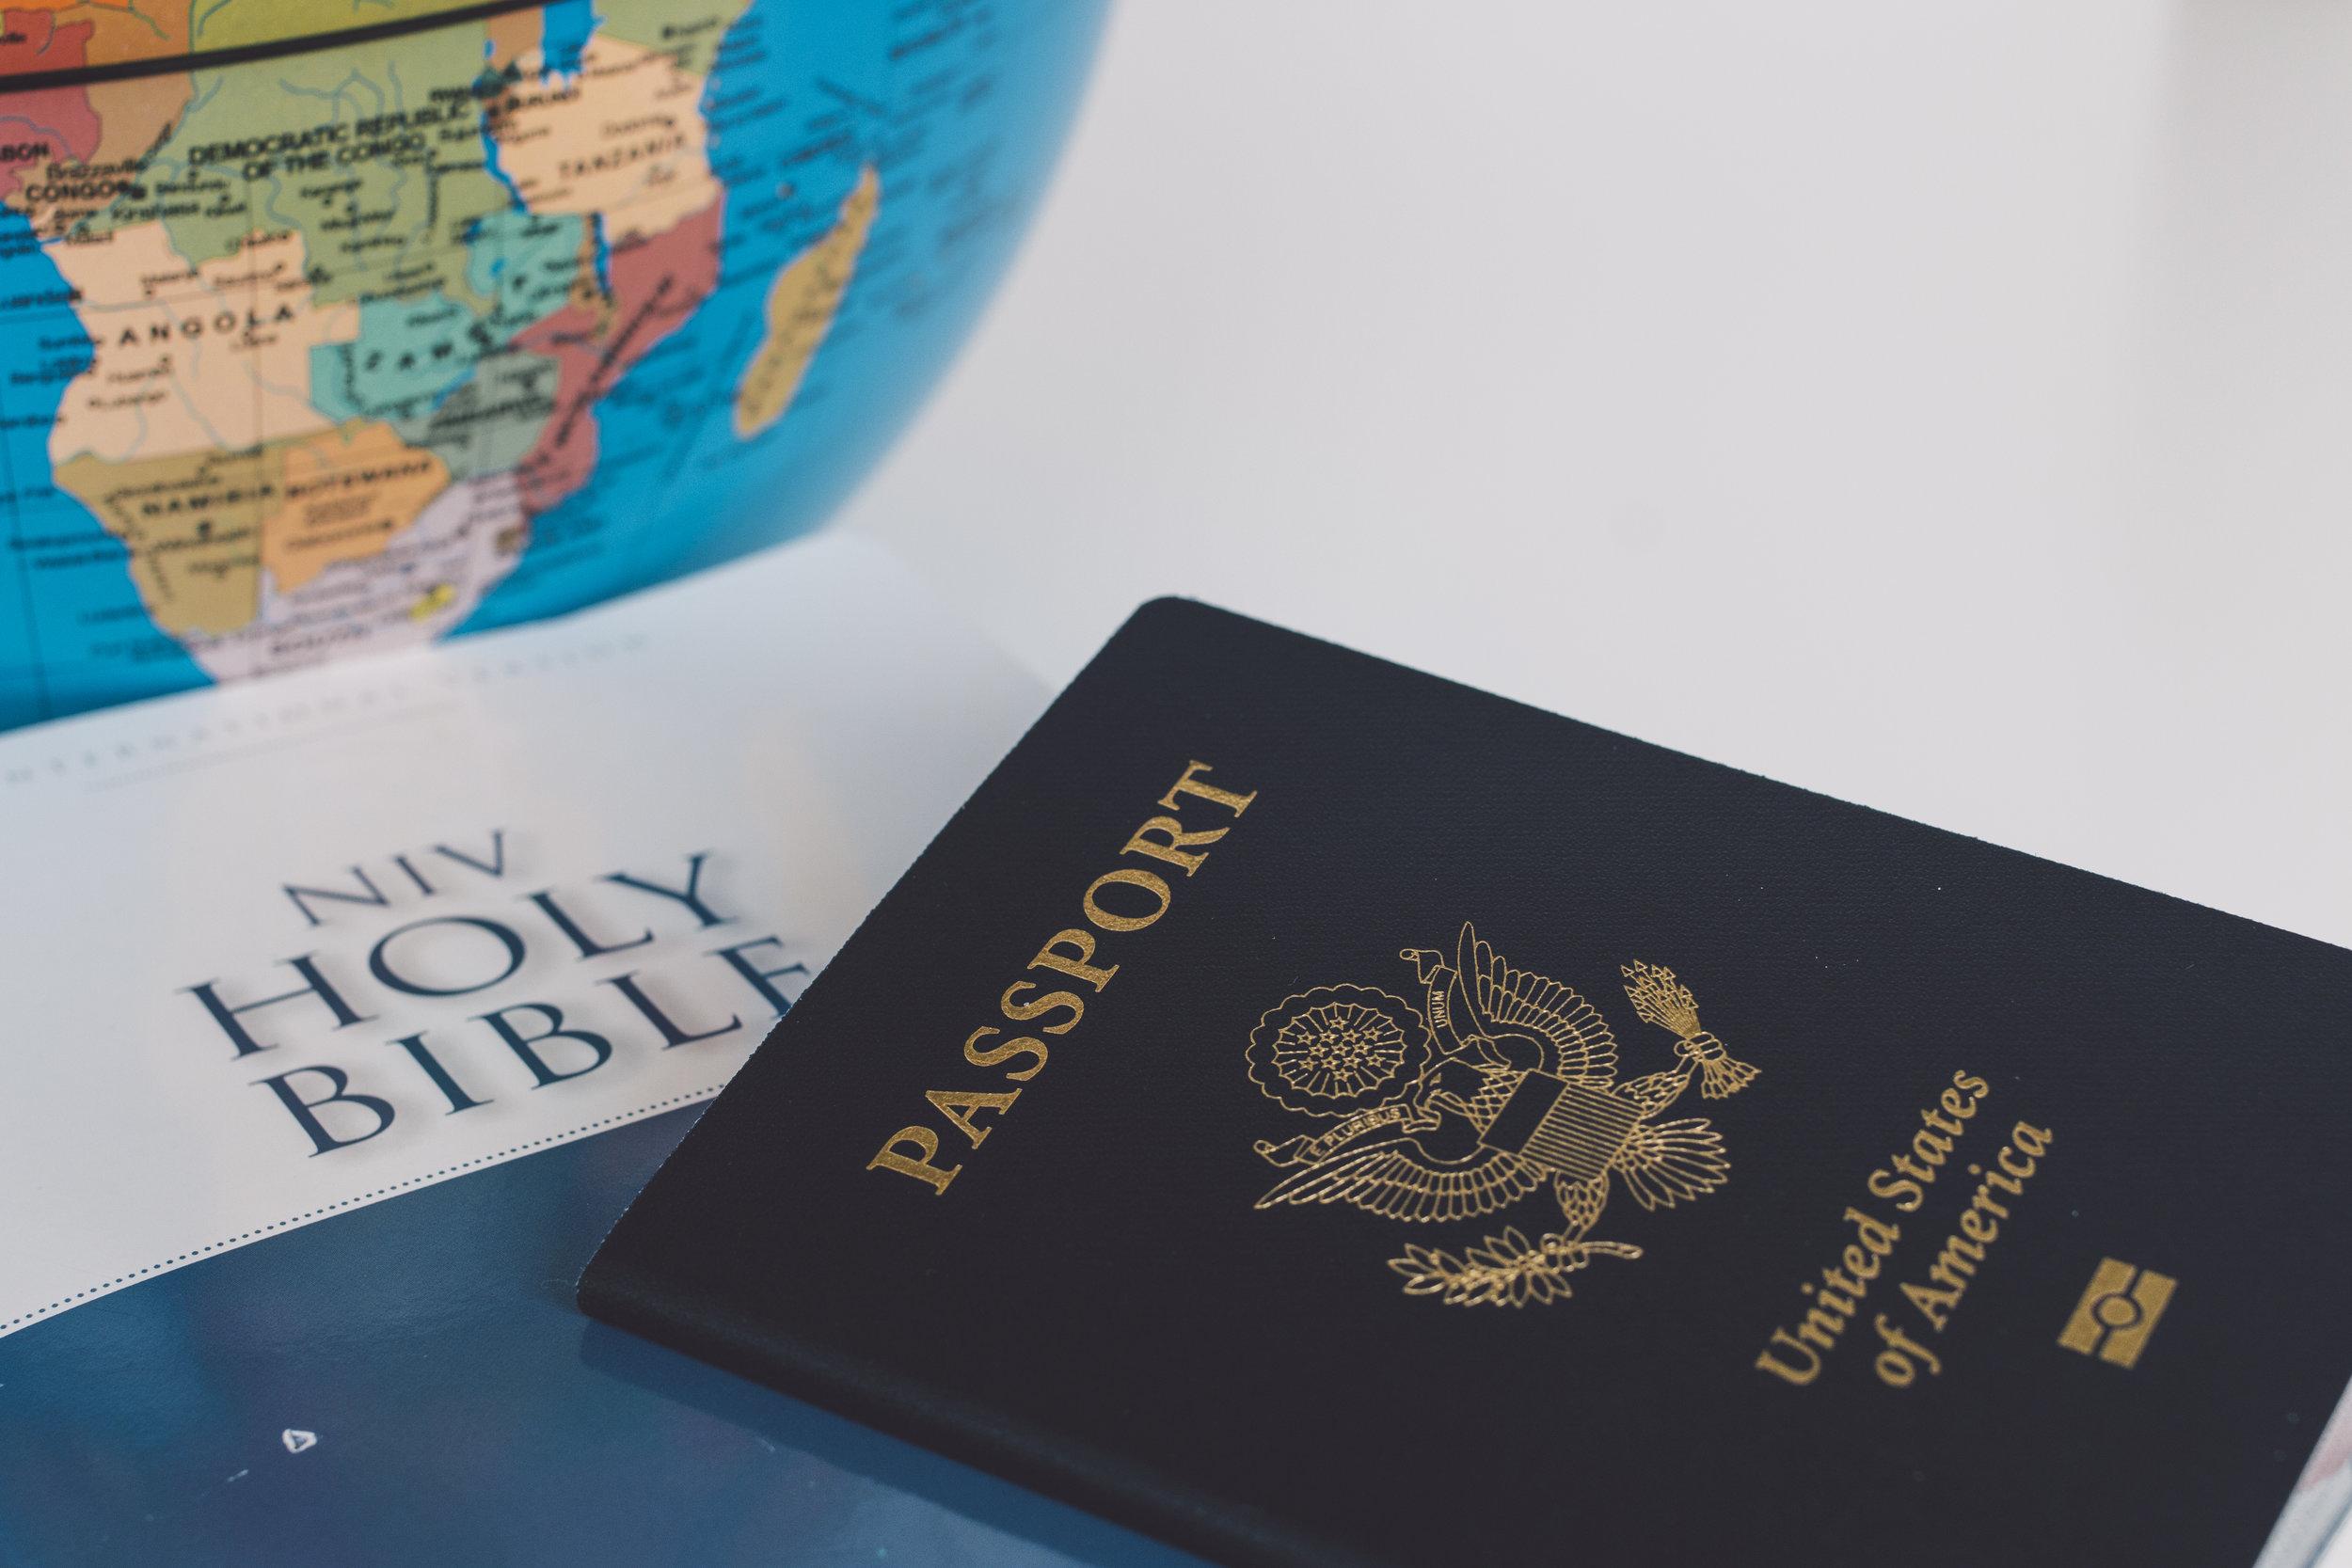 30378_46732_Bible,_Passport,_and_globe.jpg